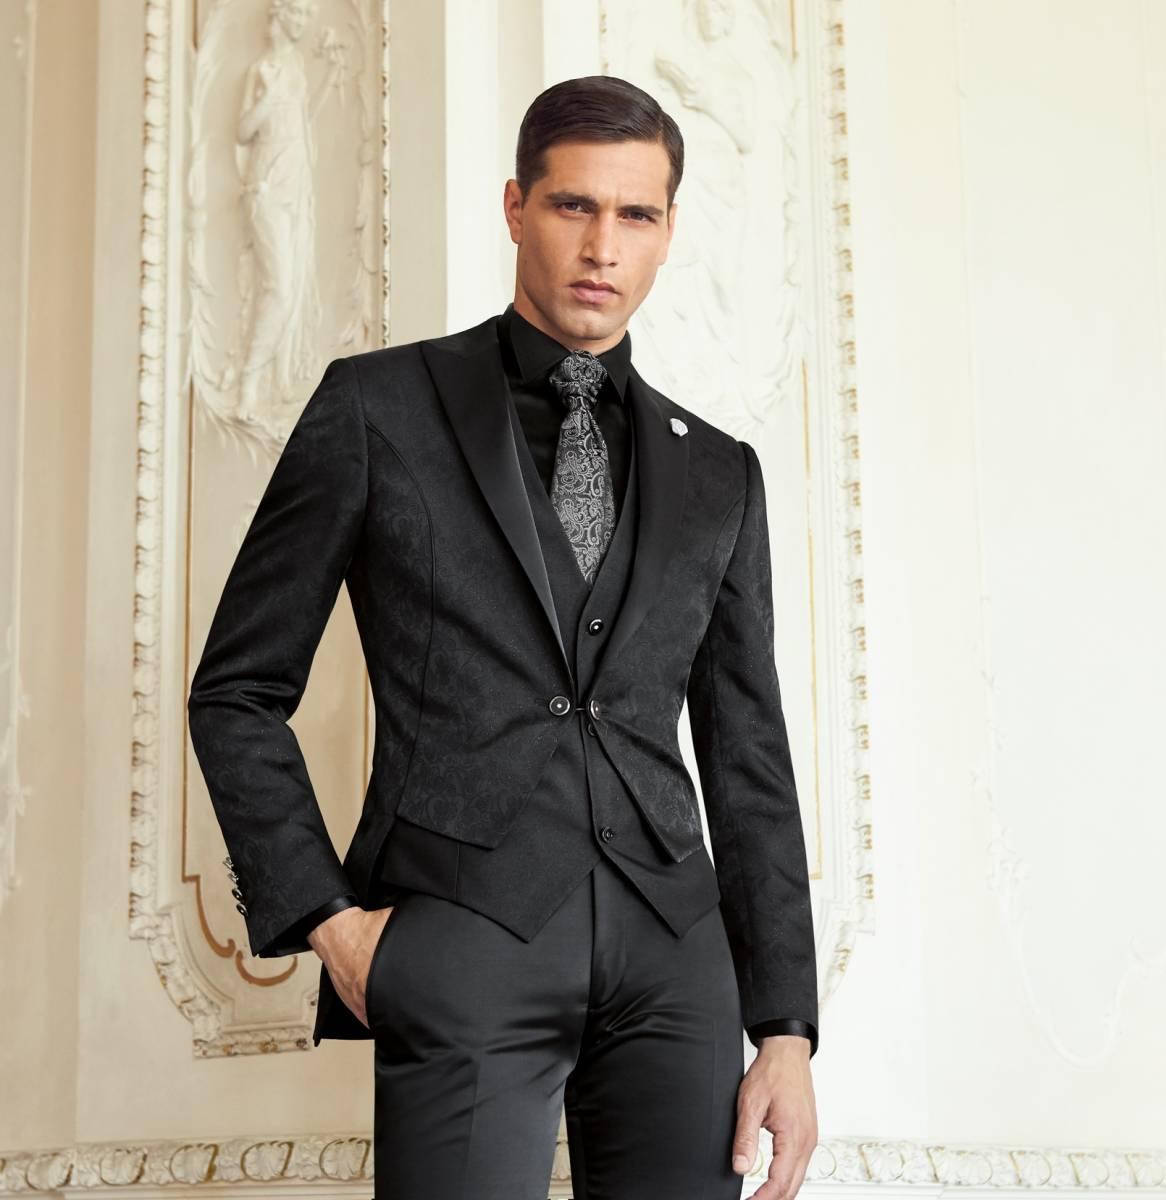 Costume fiancaille pour homme - la pijson pigram e46c5bc3728